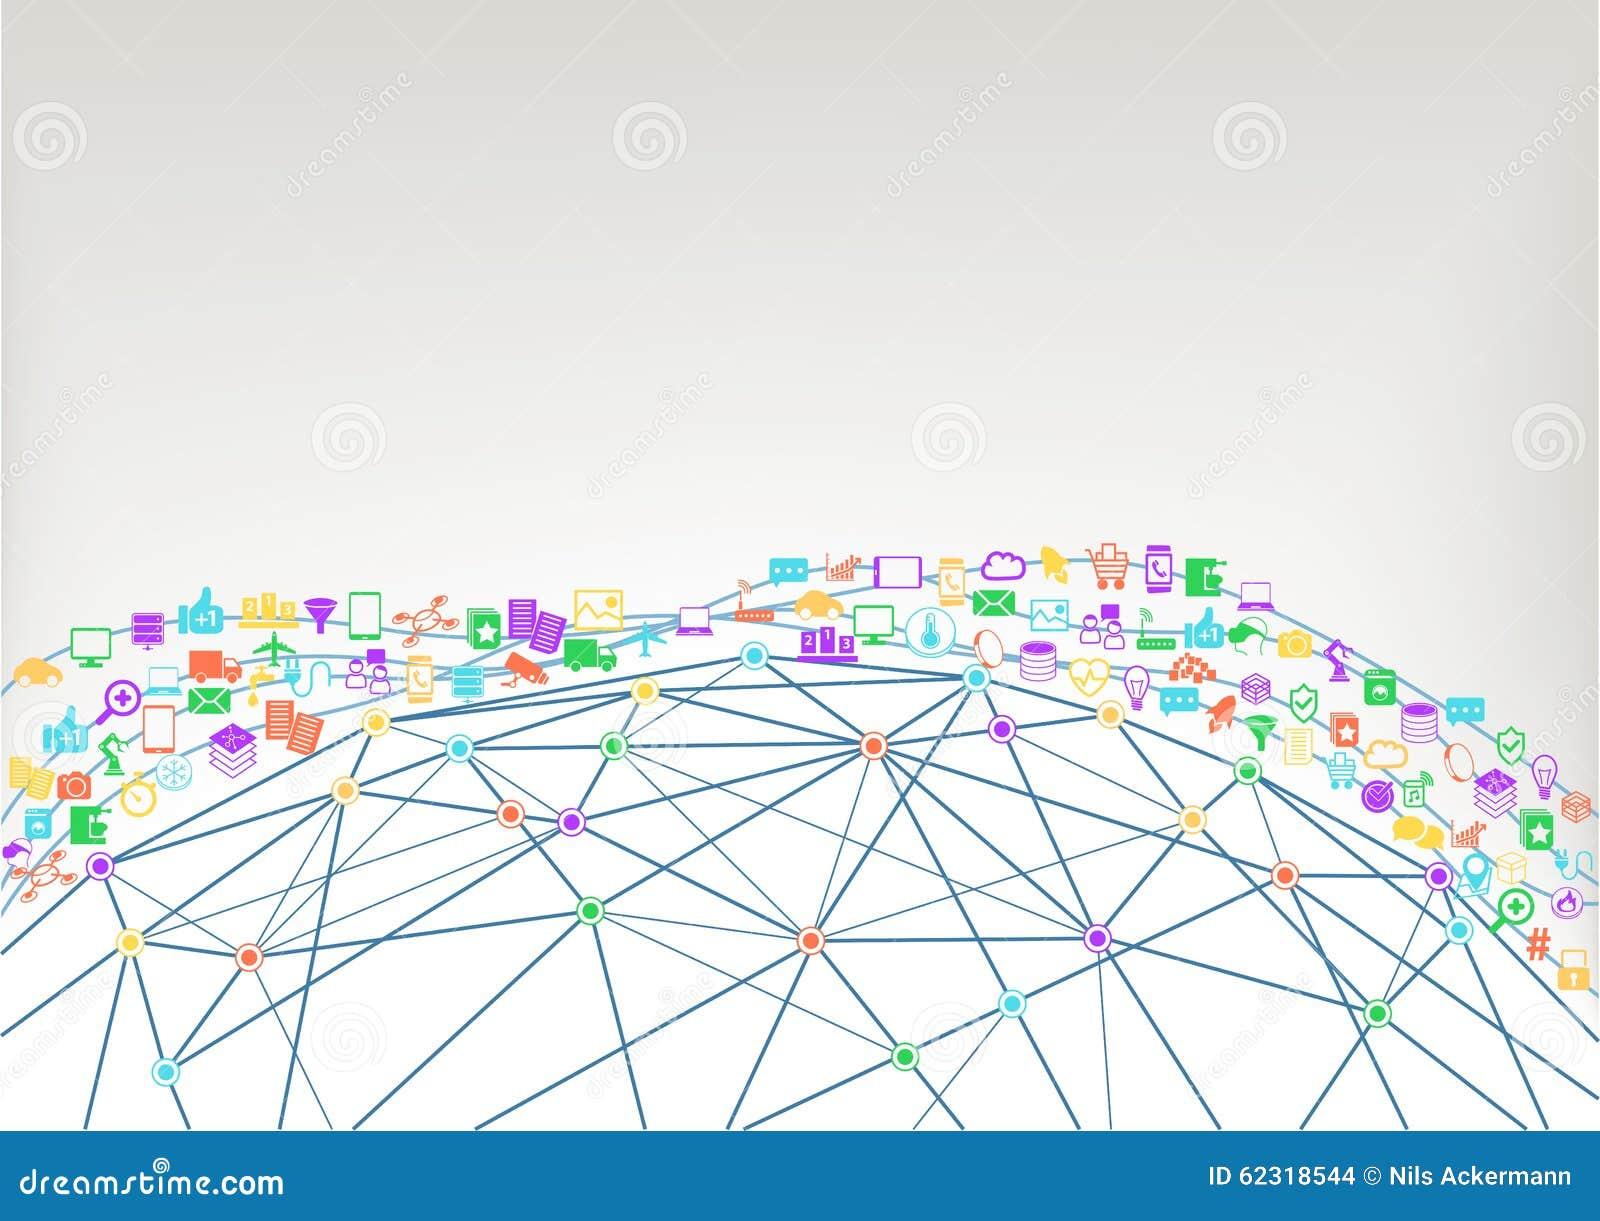 World wide web och internet av begreppet för saker (IoT) av förbindelseapparater Wireframe modell av världen